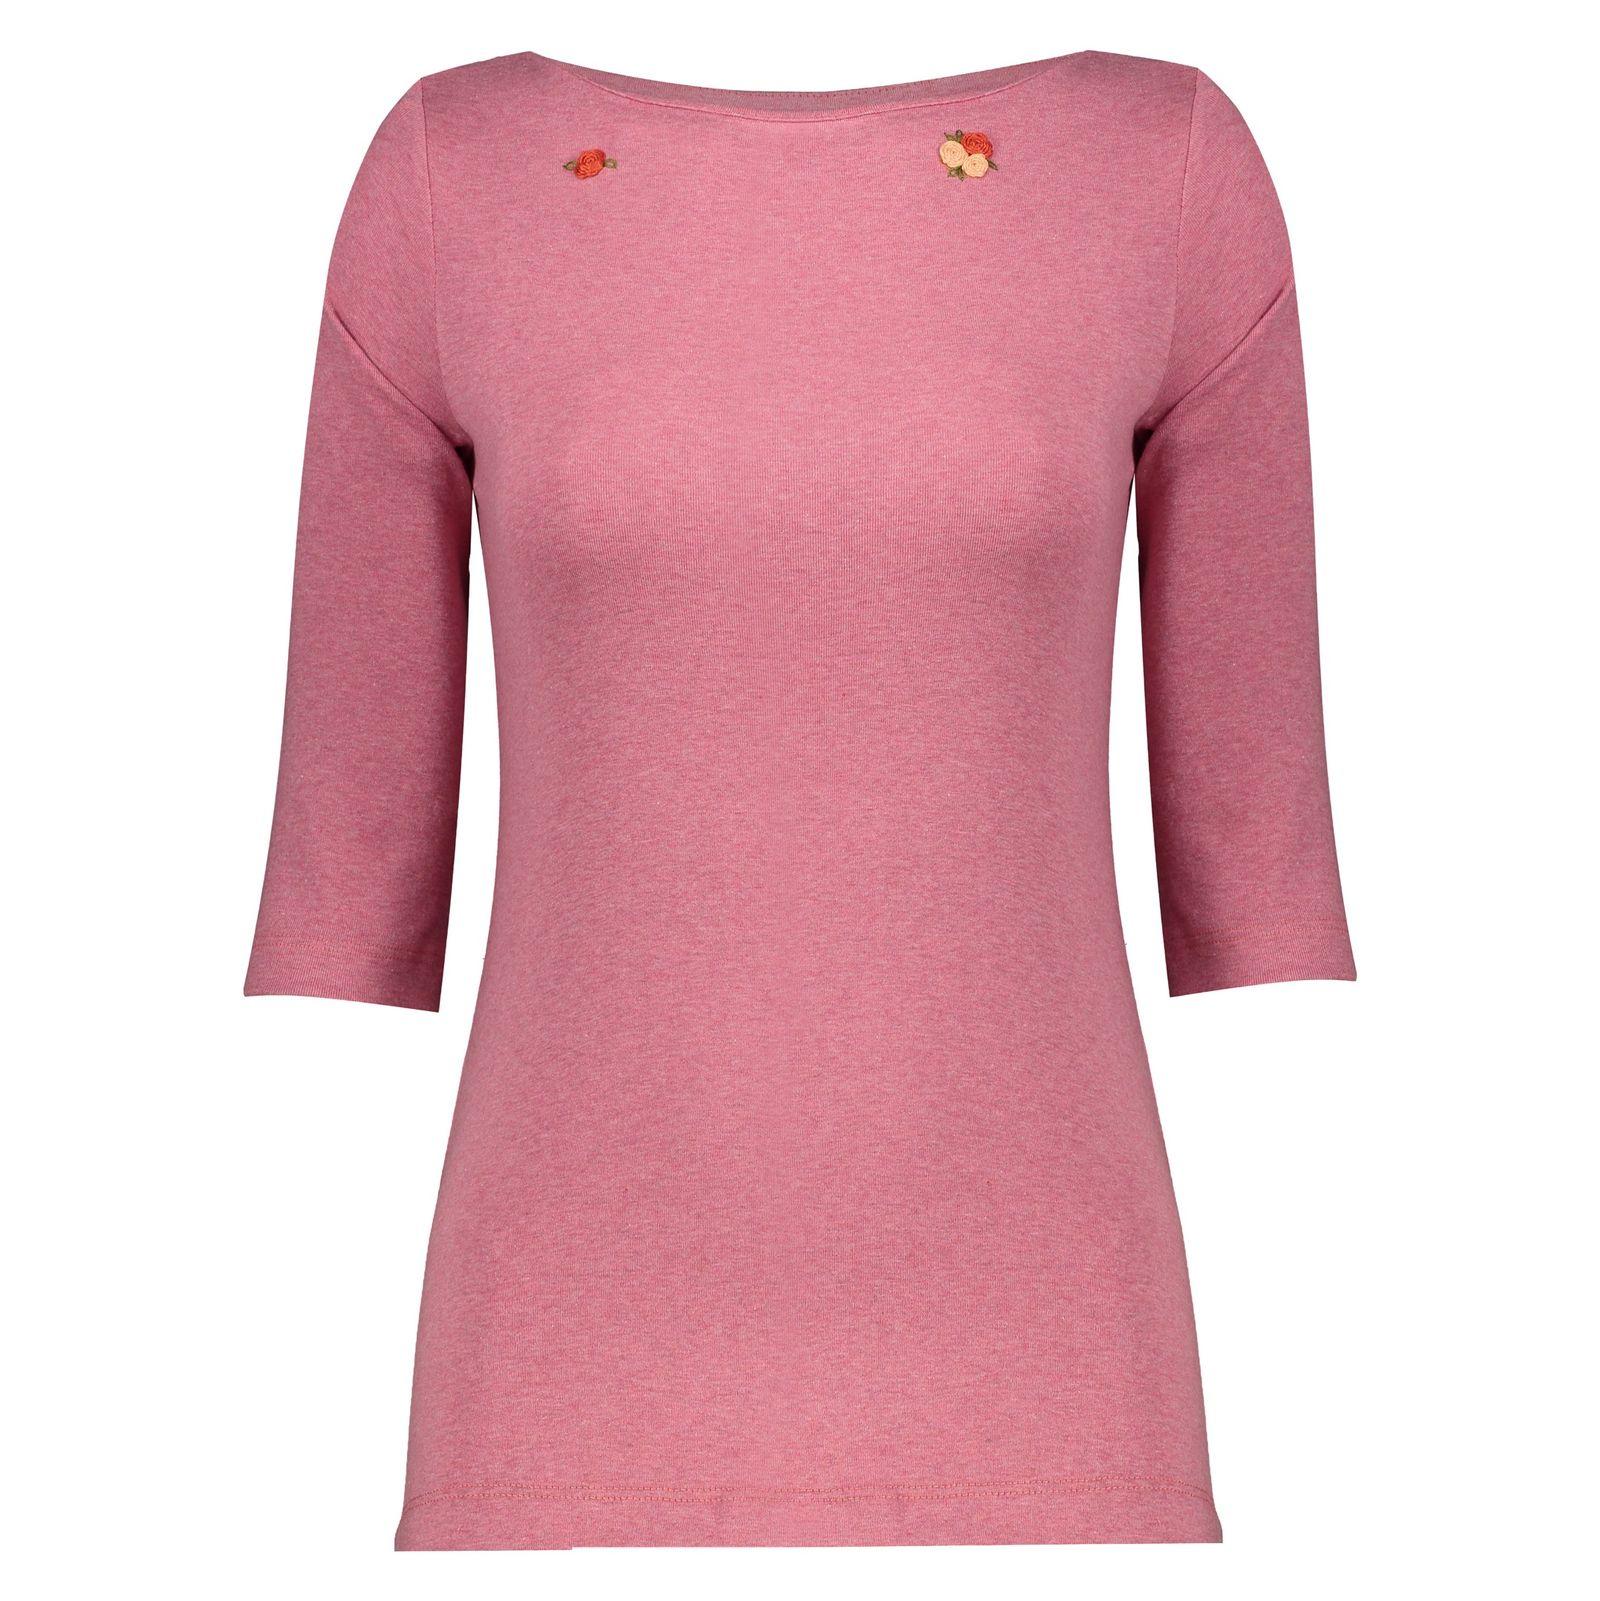 تی شرت زنانه گارودی مدل 1003113012-86 -  - 1